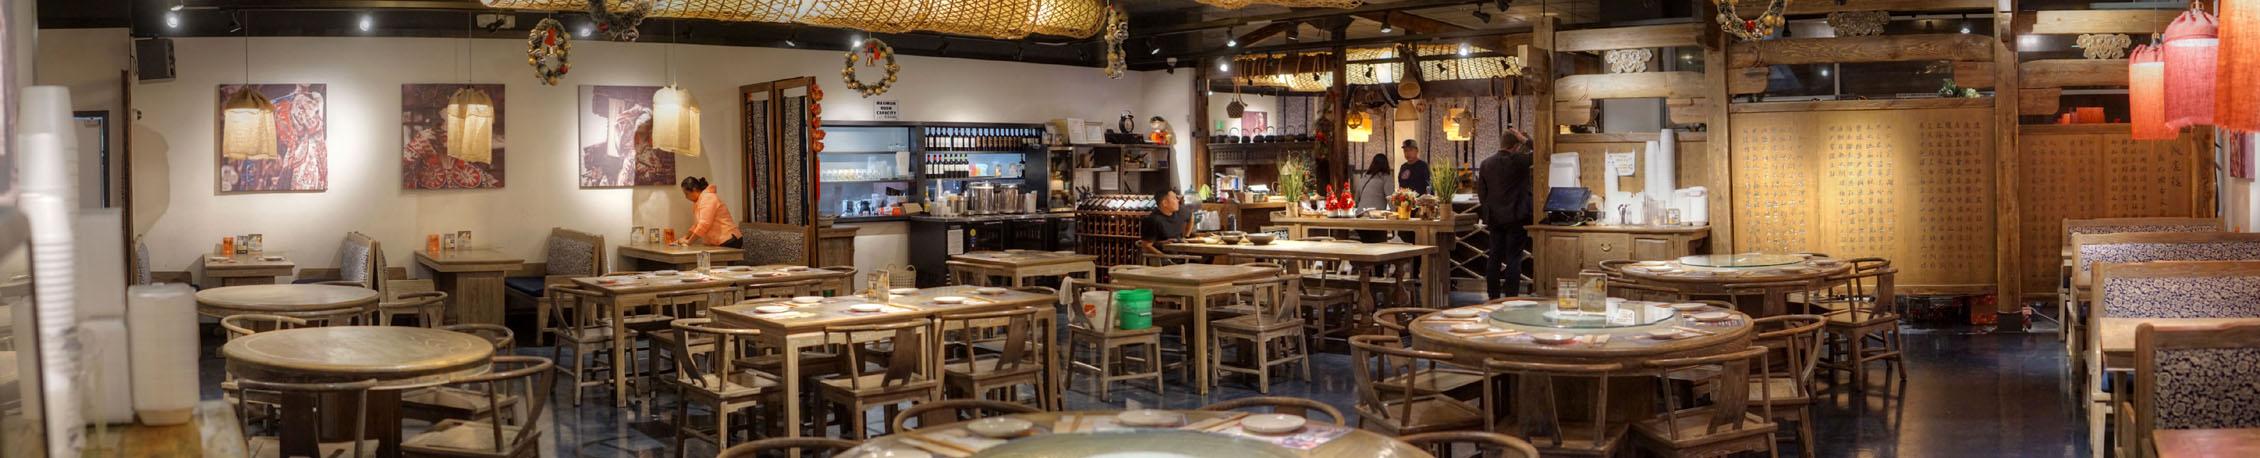 Chuan's Interior